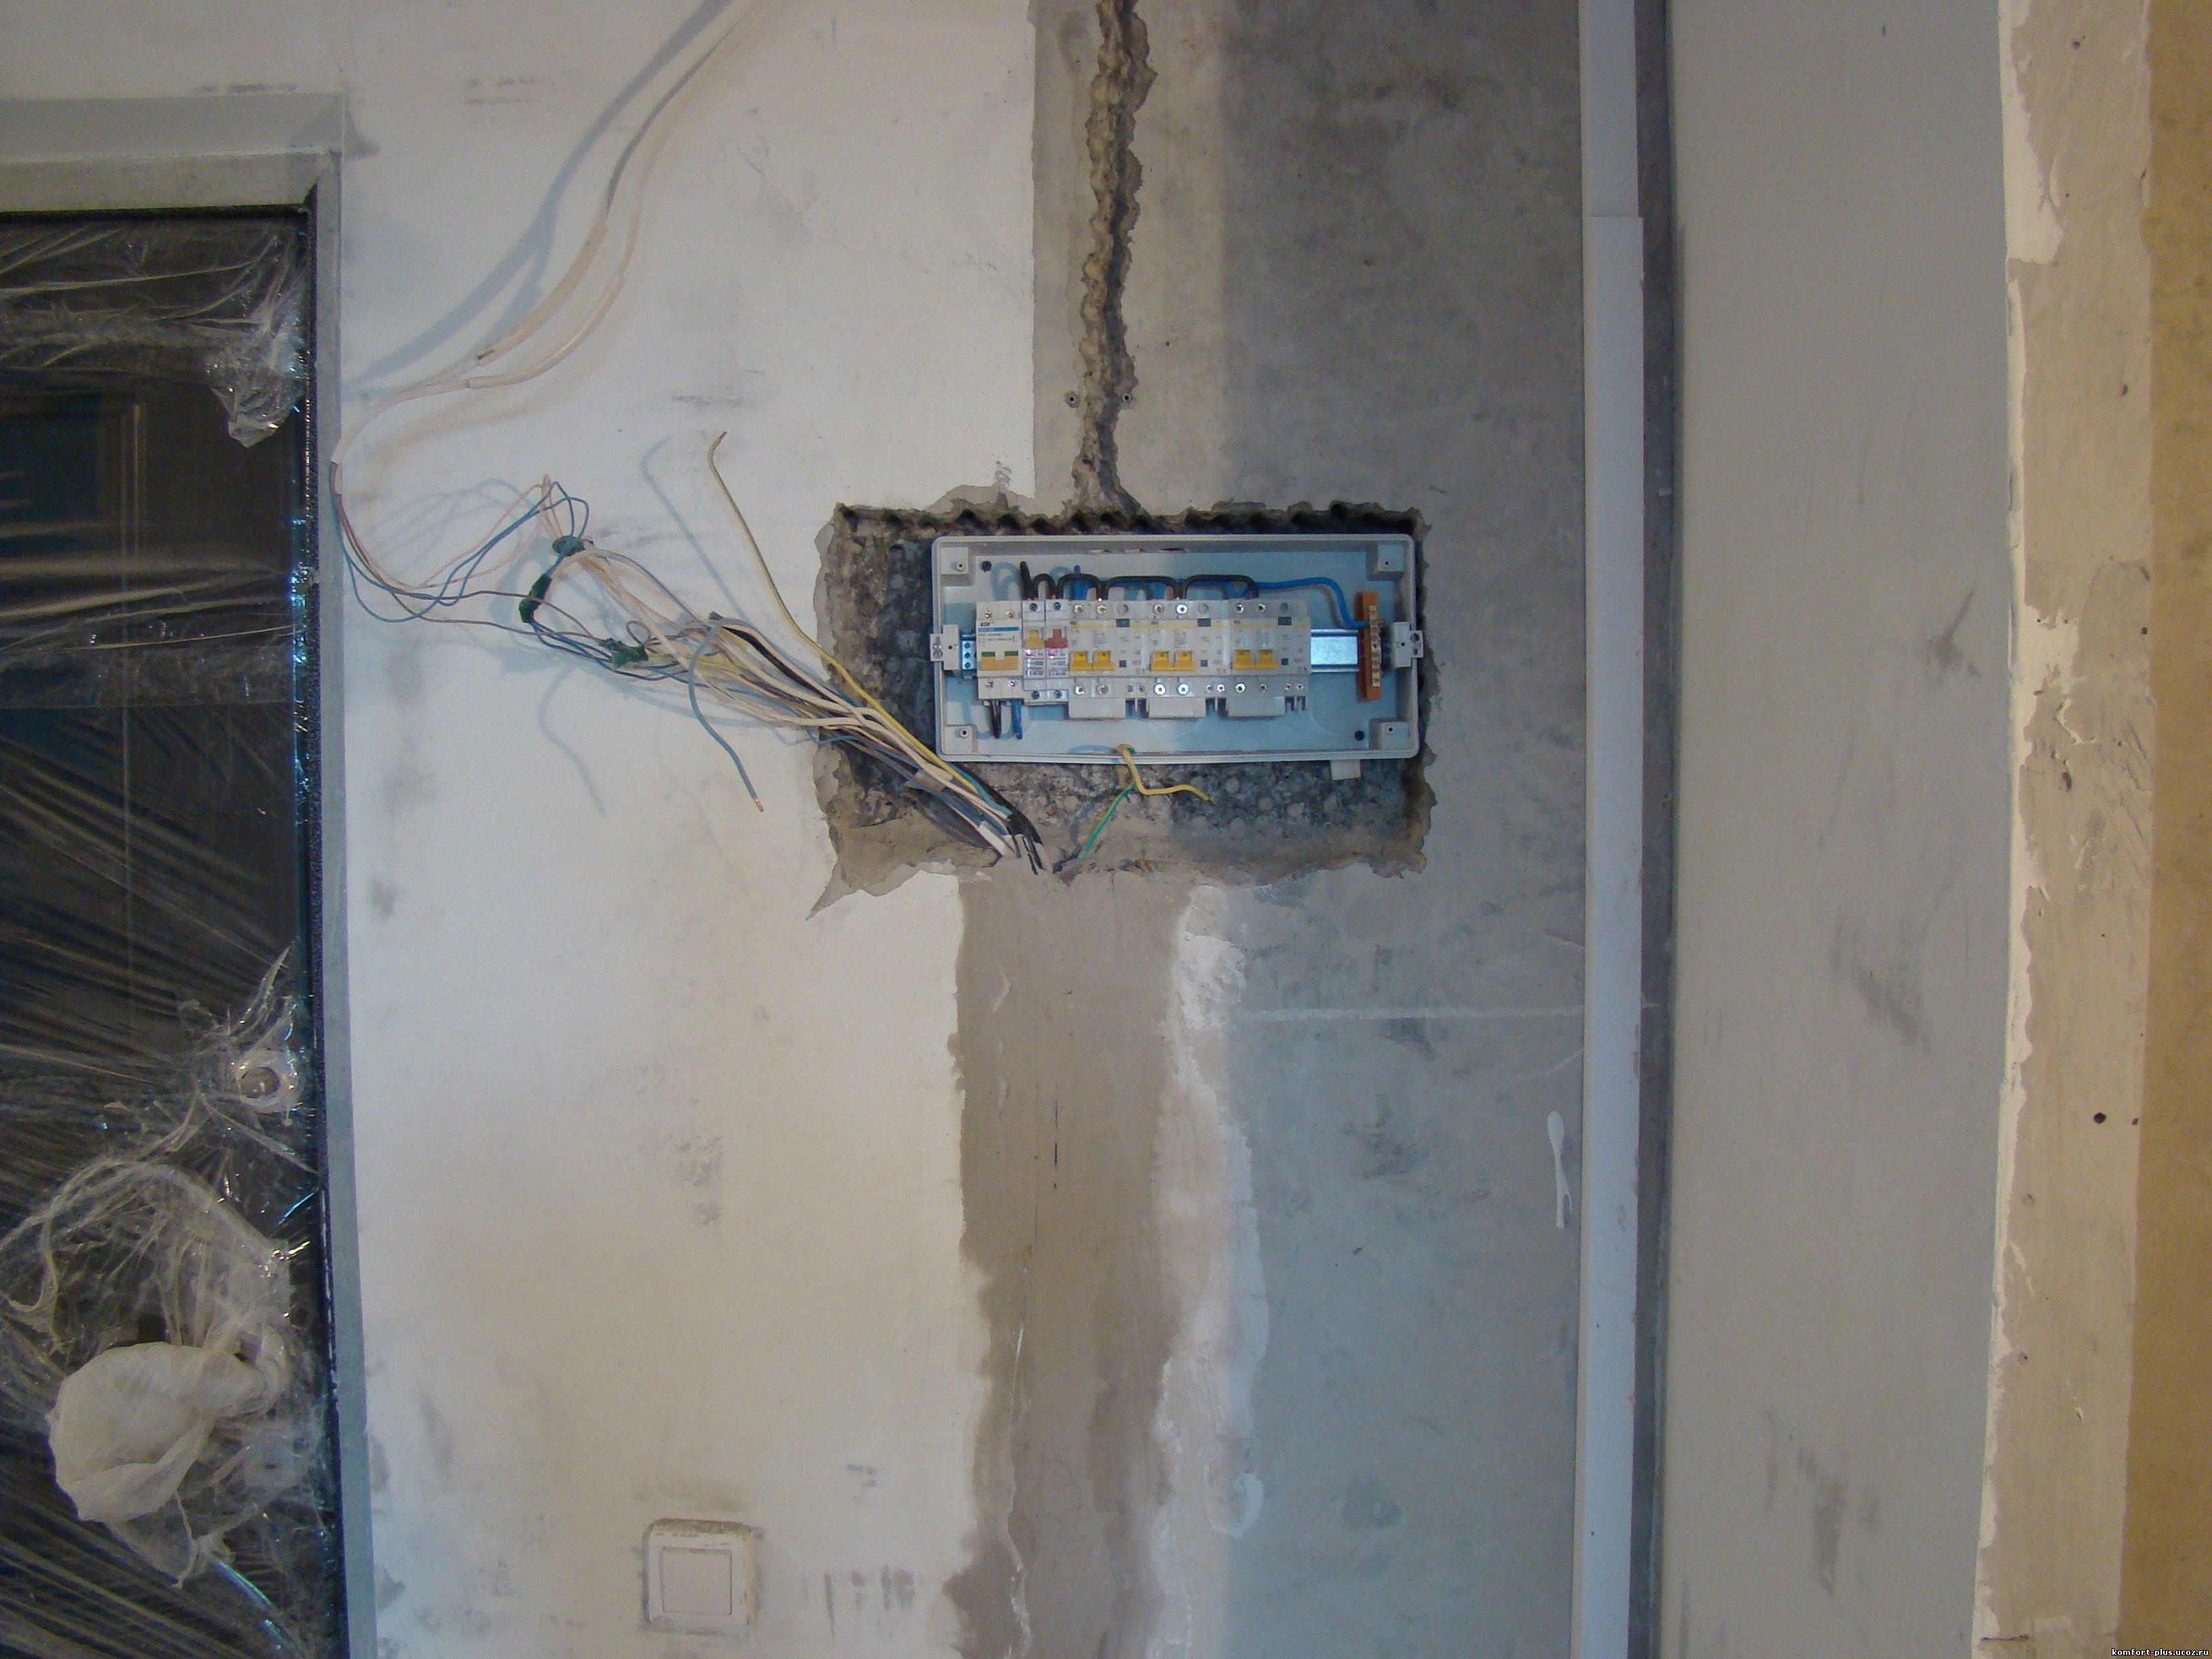 Замена проводки в квартире в панельном доме